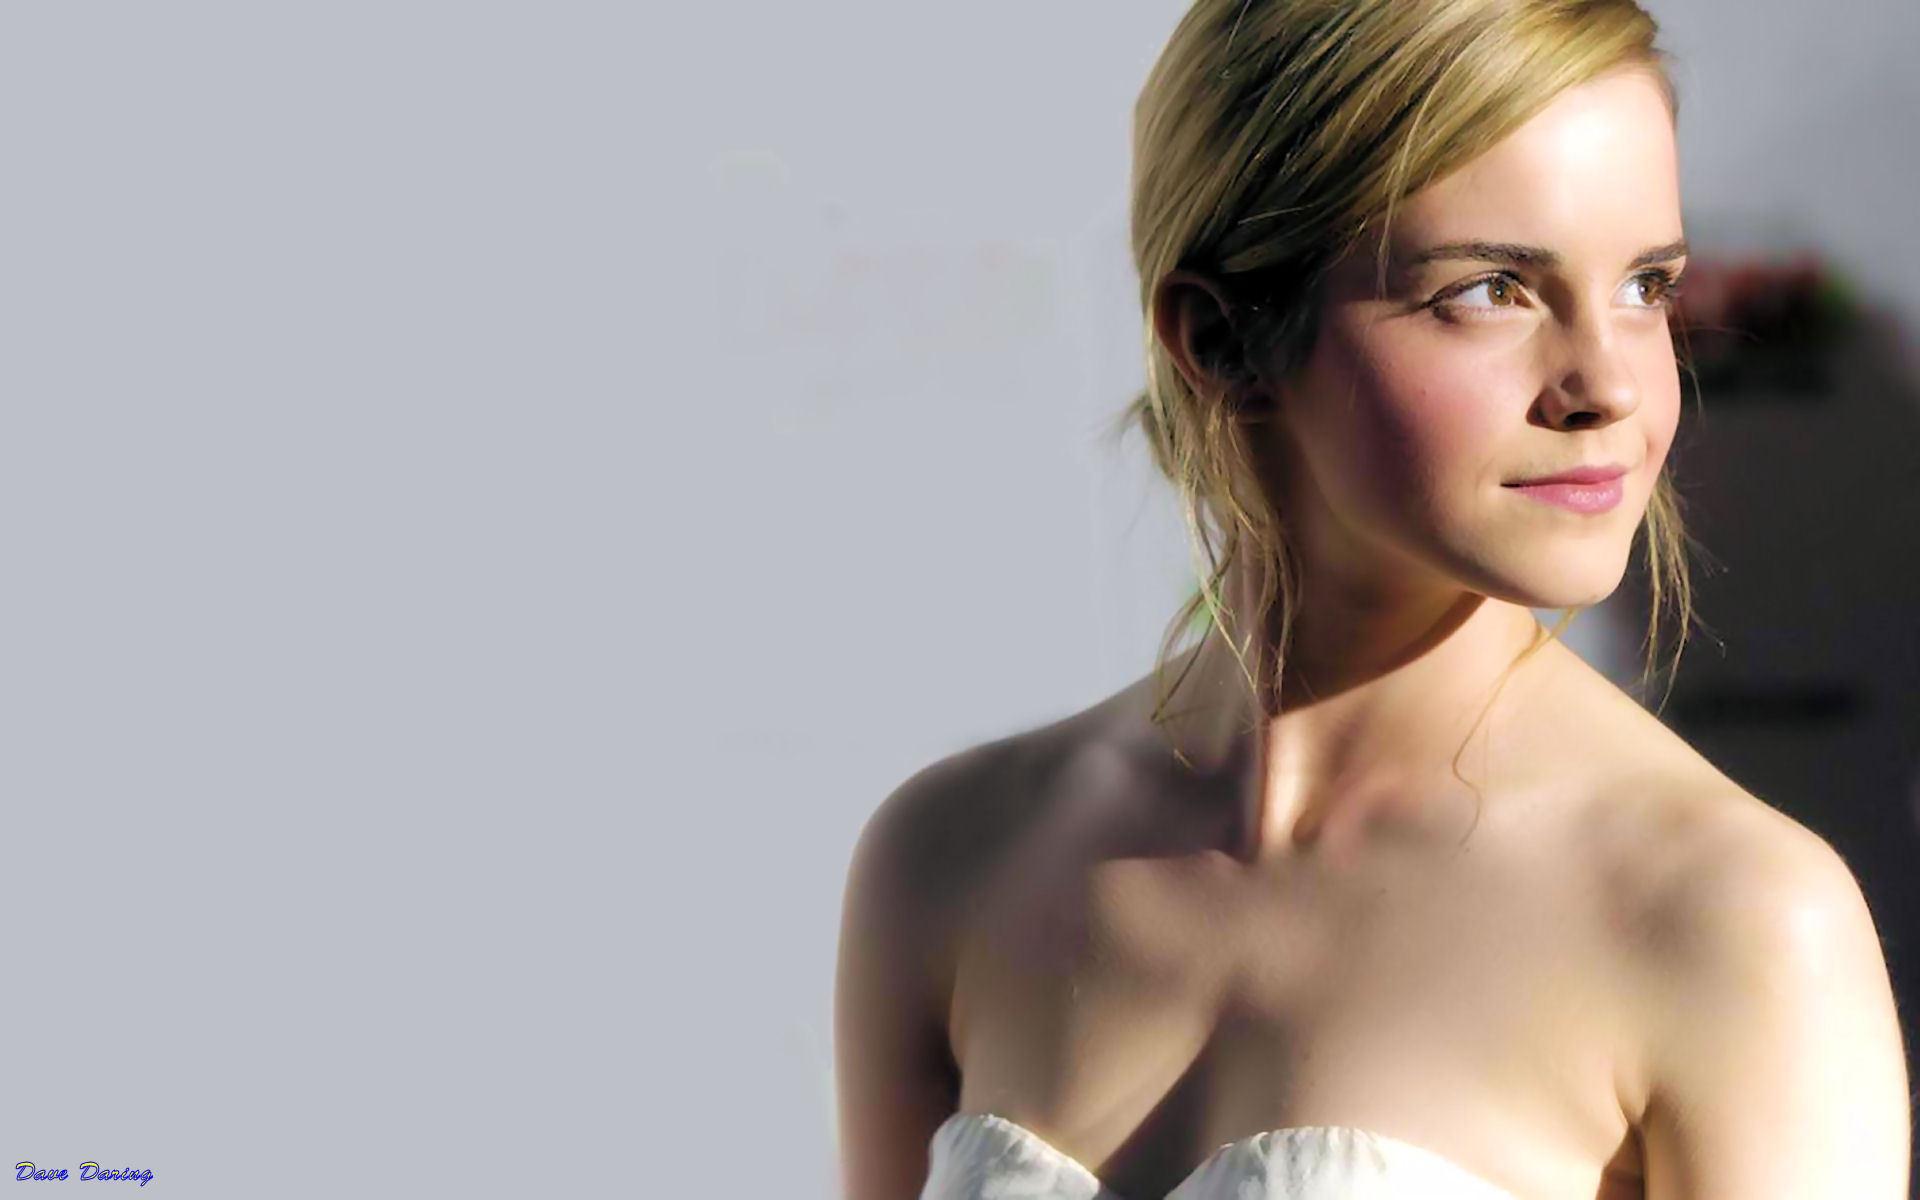 Emma watson in a shower 5